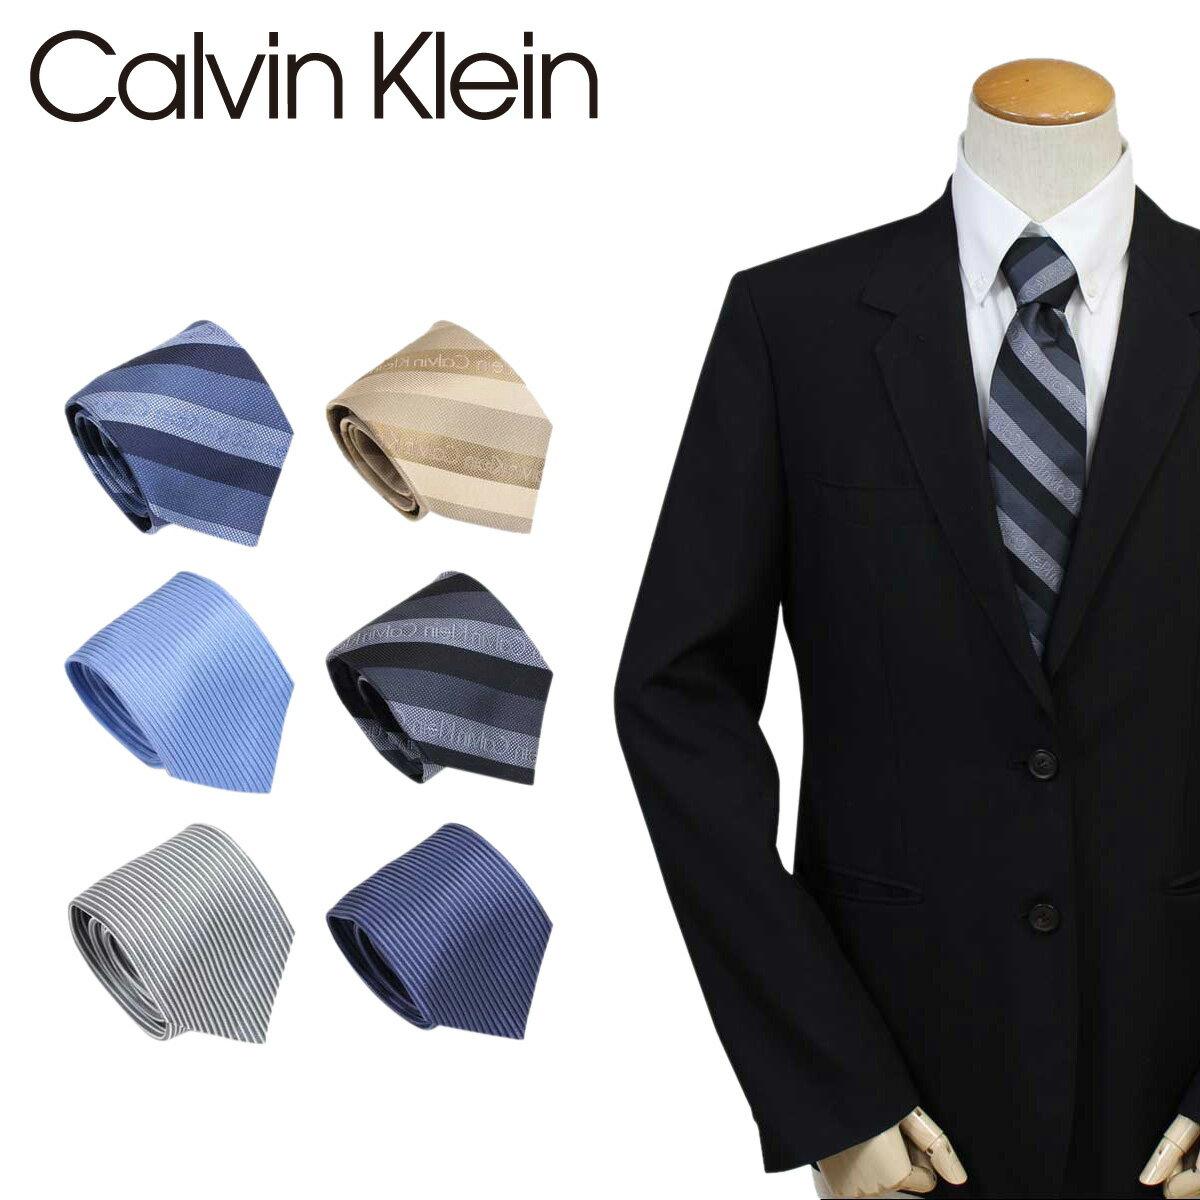 カルバンクライン ネクタイ シルク Calvin Klein メンズ CK ビジネス 結婚式 [1/16 追加入荷]